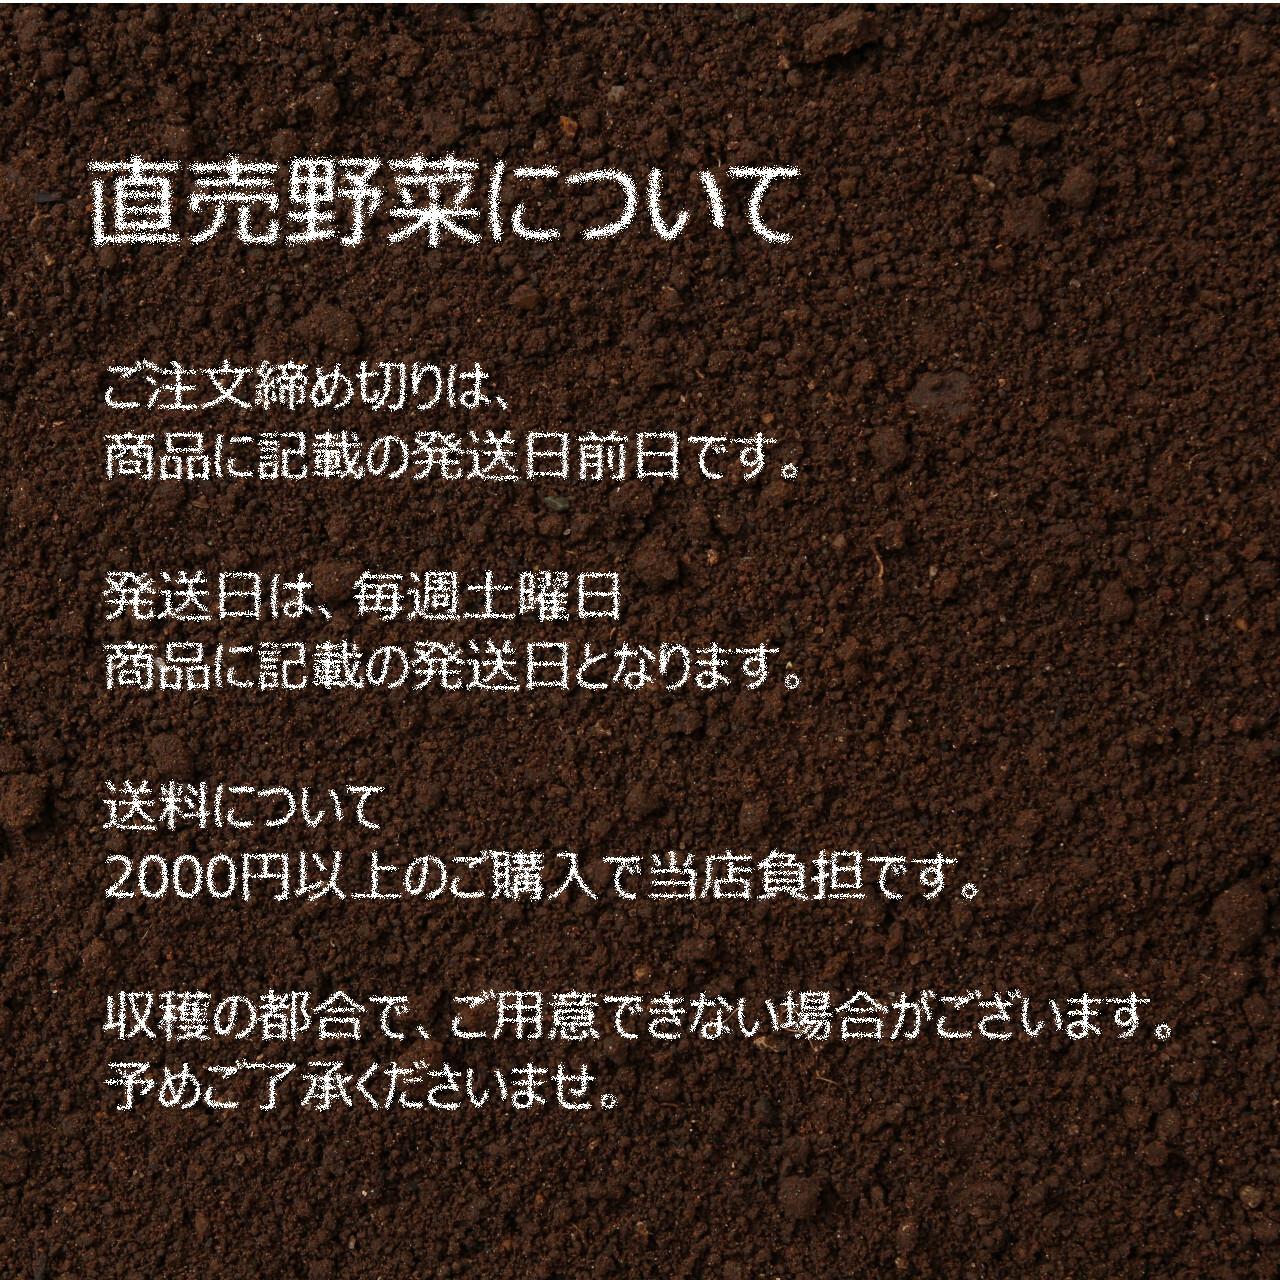 かわながれ菜 約400g 朝採り直売野菜 4月20日発送予定